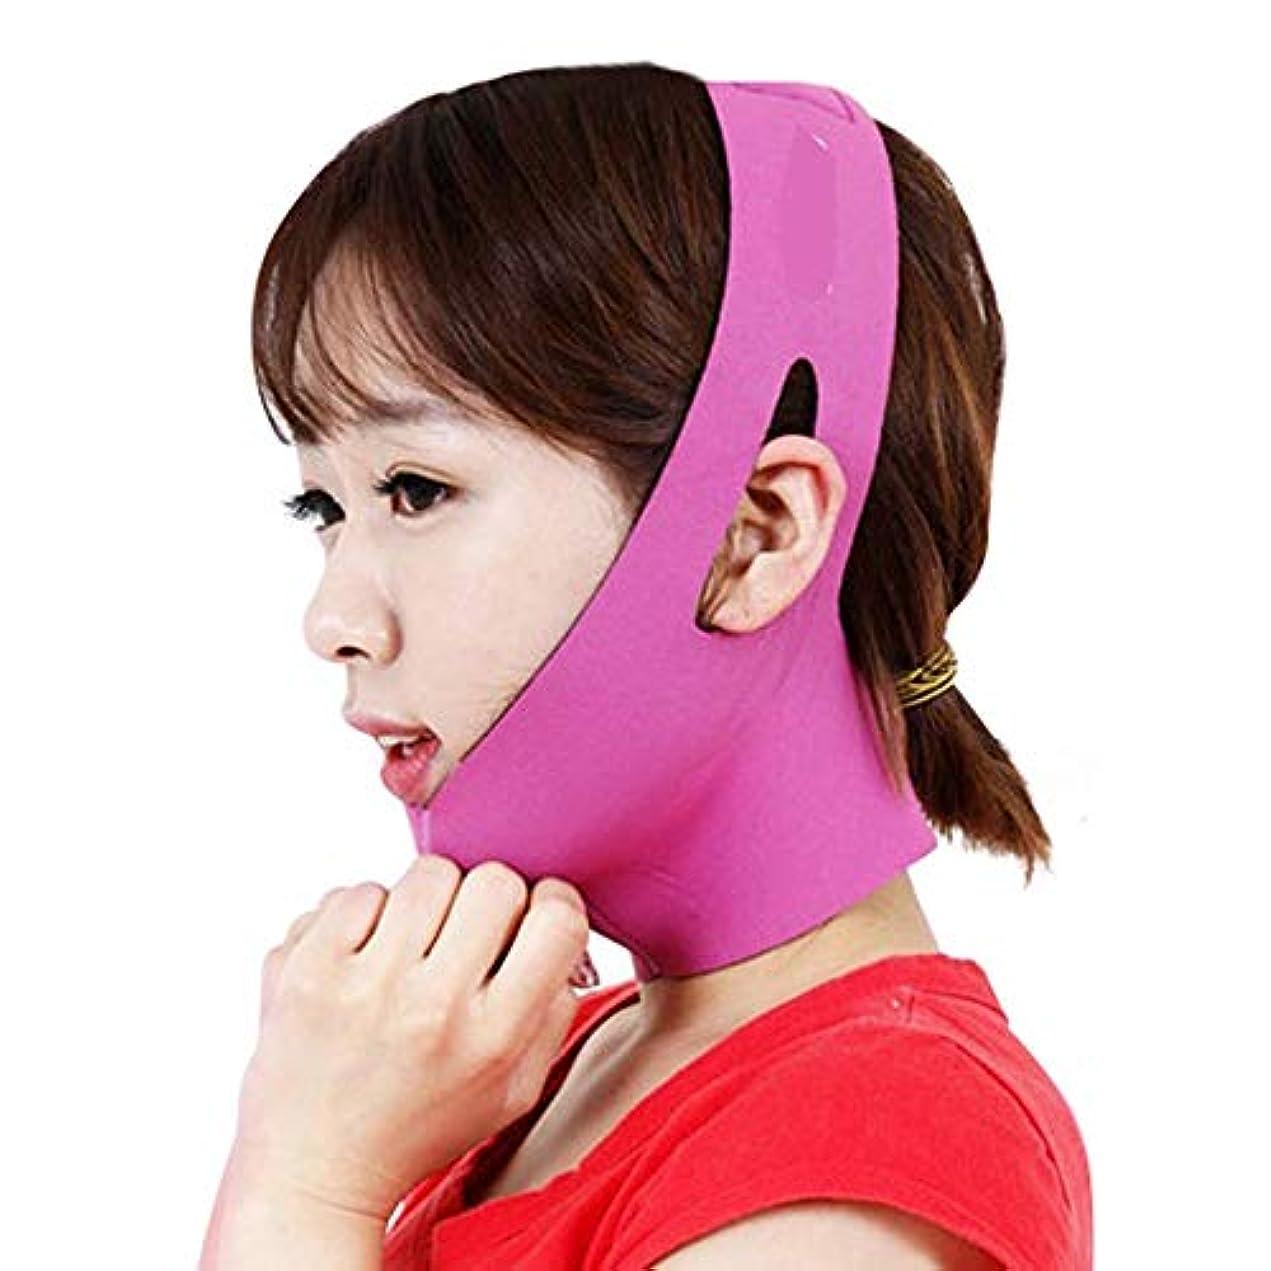 含意エピソード教えるJia Jia- フェイシャルリフティング痩身ベルト圧縮二重あご減量ベルトスキンケア薄い顔包帯二重あごワークアウト 顔面包帯 (色 : ピンク)